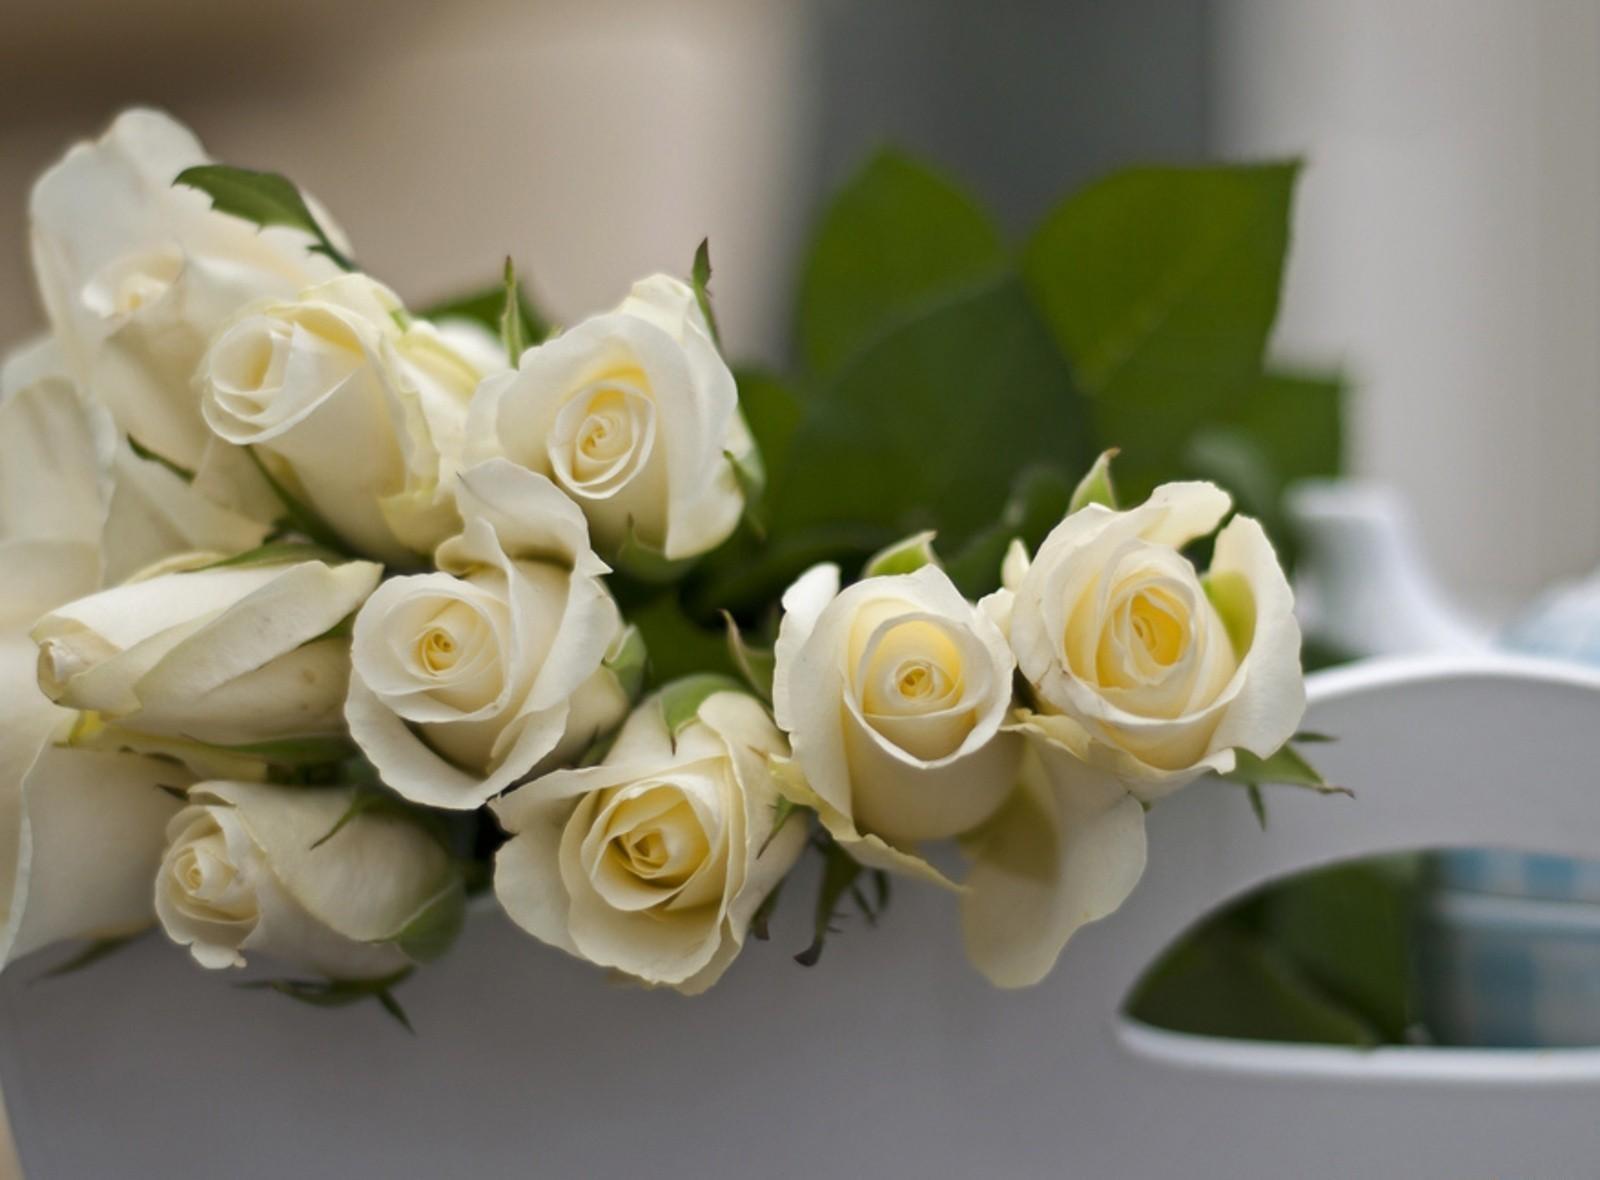 104847 скачать Белые обои на телефон бесплатно, Бутоны, Цветы, Розы, Лежать Белые картинки и заставки на мобильный